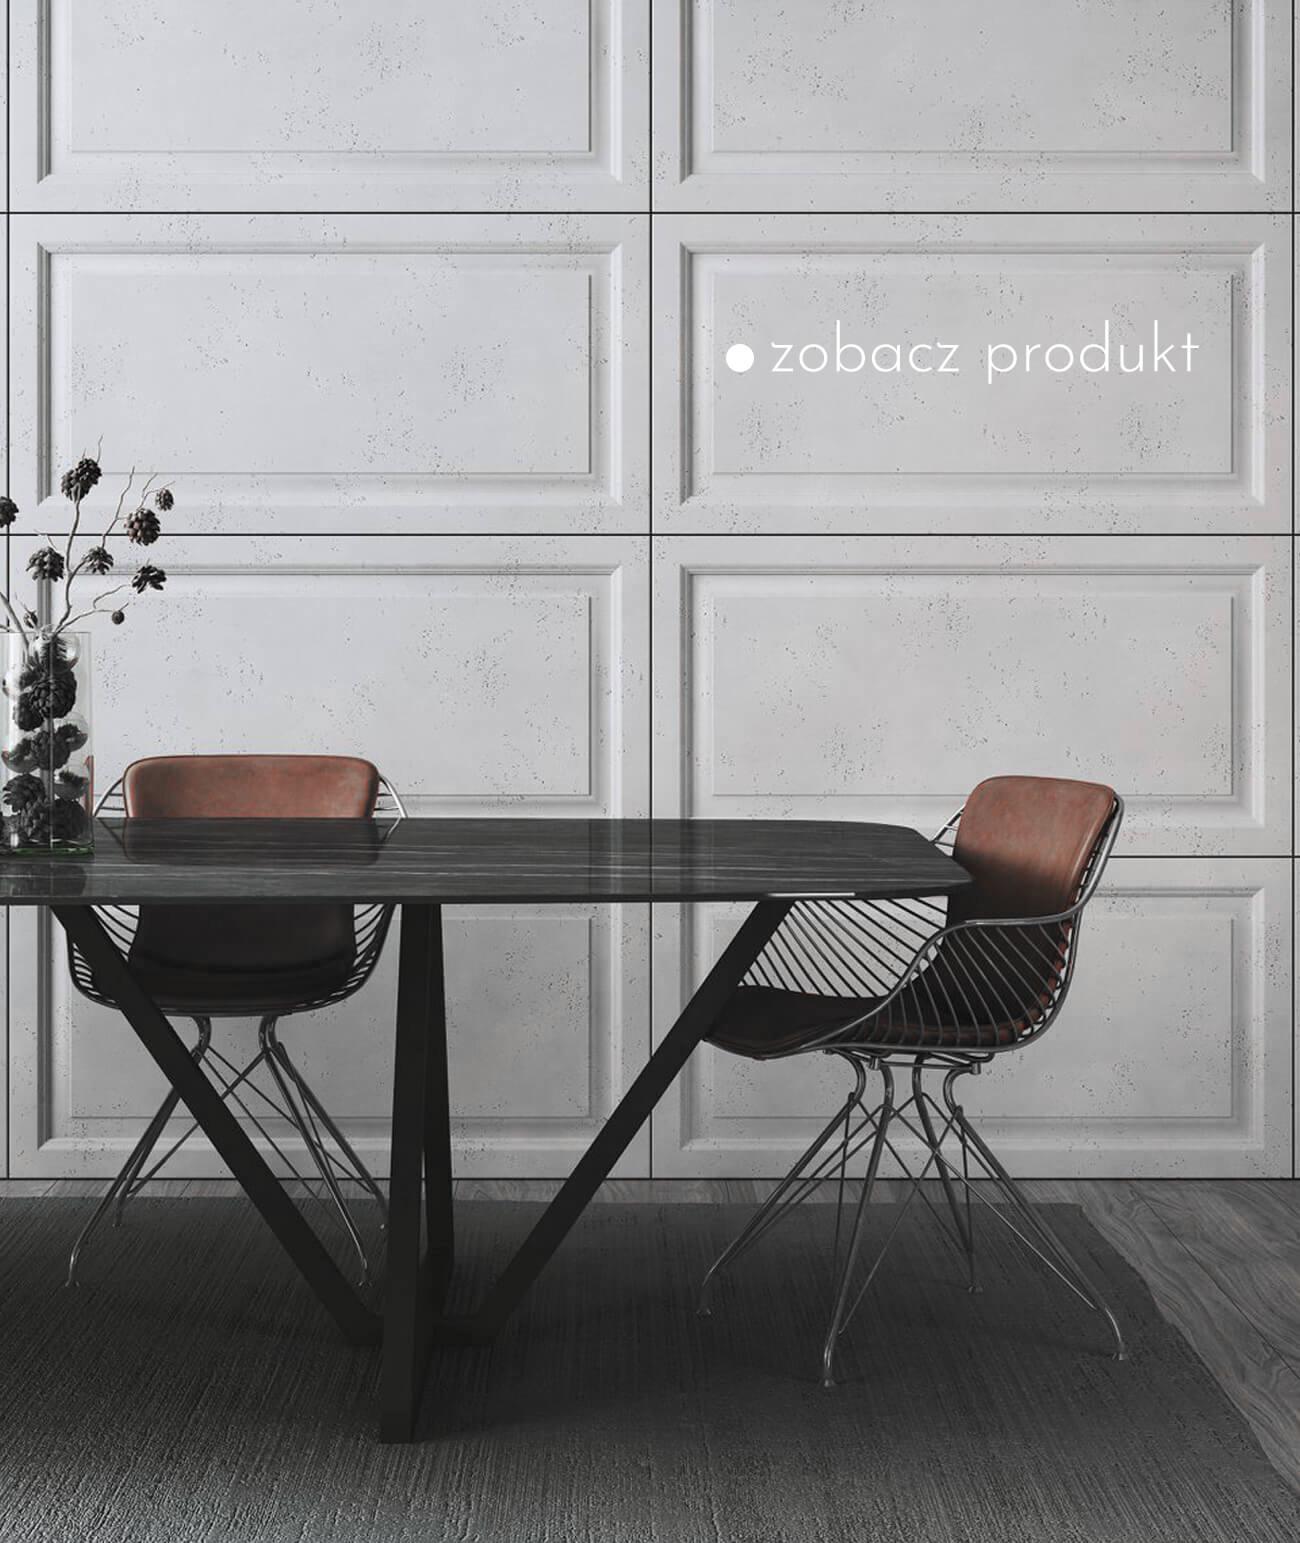 panele-betonowe-3d-scienne-i-elewacyjne-beton-architektoniczny_946-20372-pb33a-b1-siwo-bialy-rama---panel-dekor-3d-beton-architektoniczny-panel-scienny